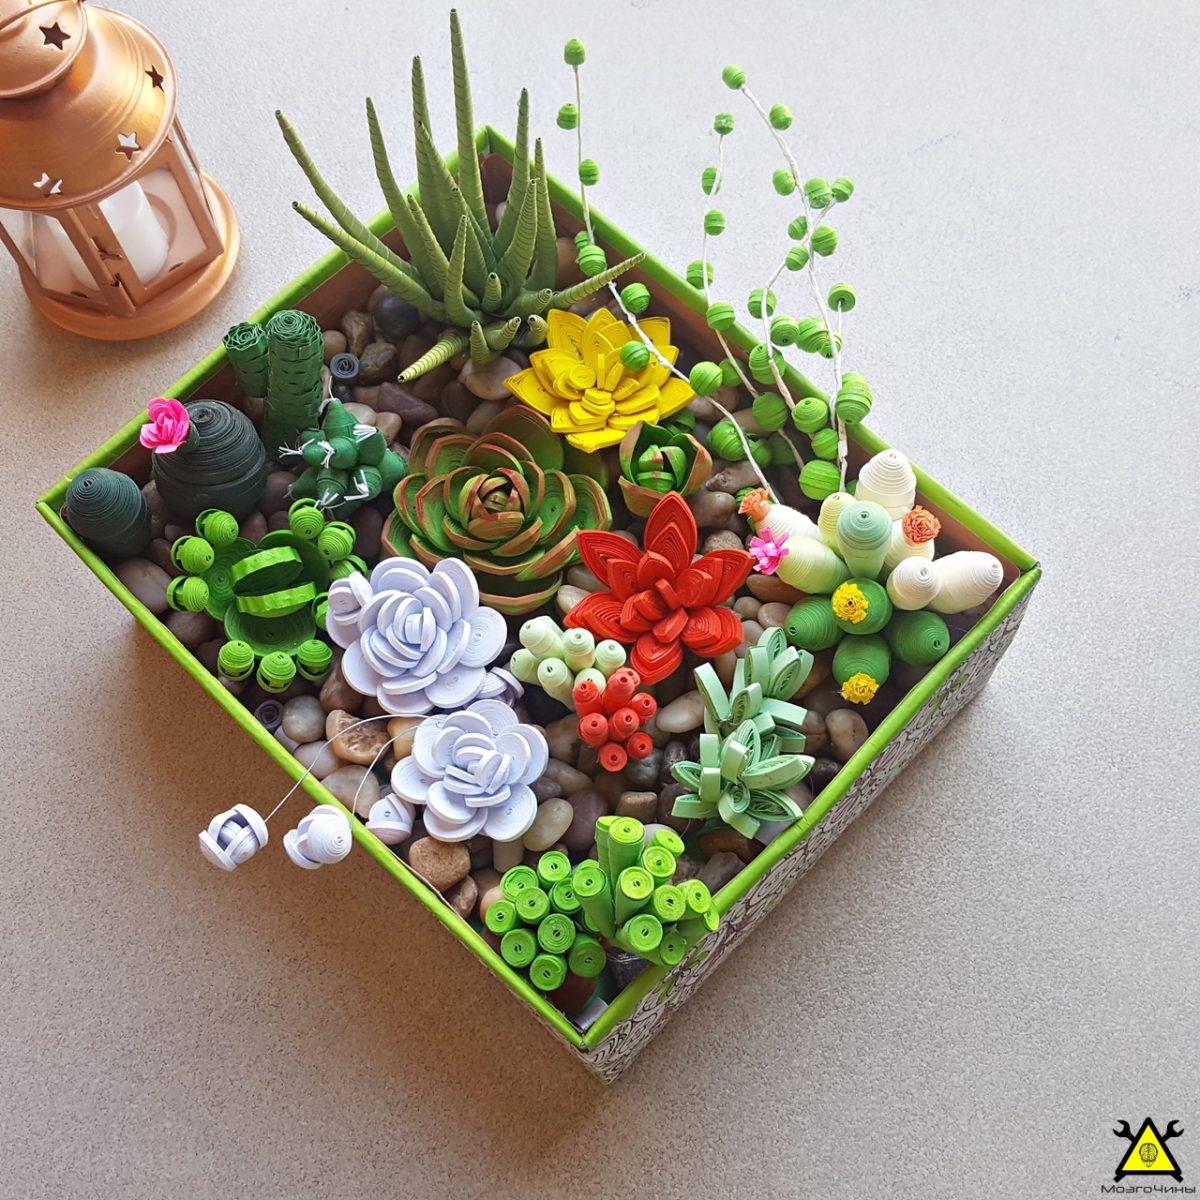 Настольный мини сад в технике квиллинга своими руками